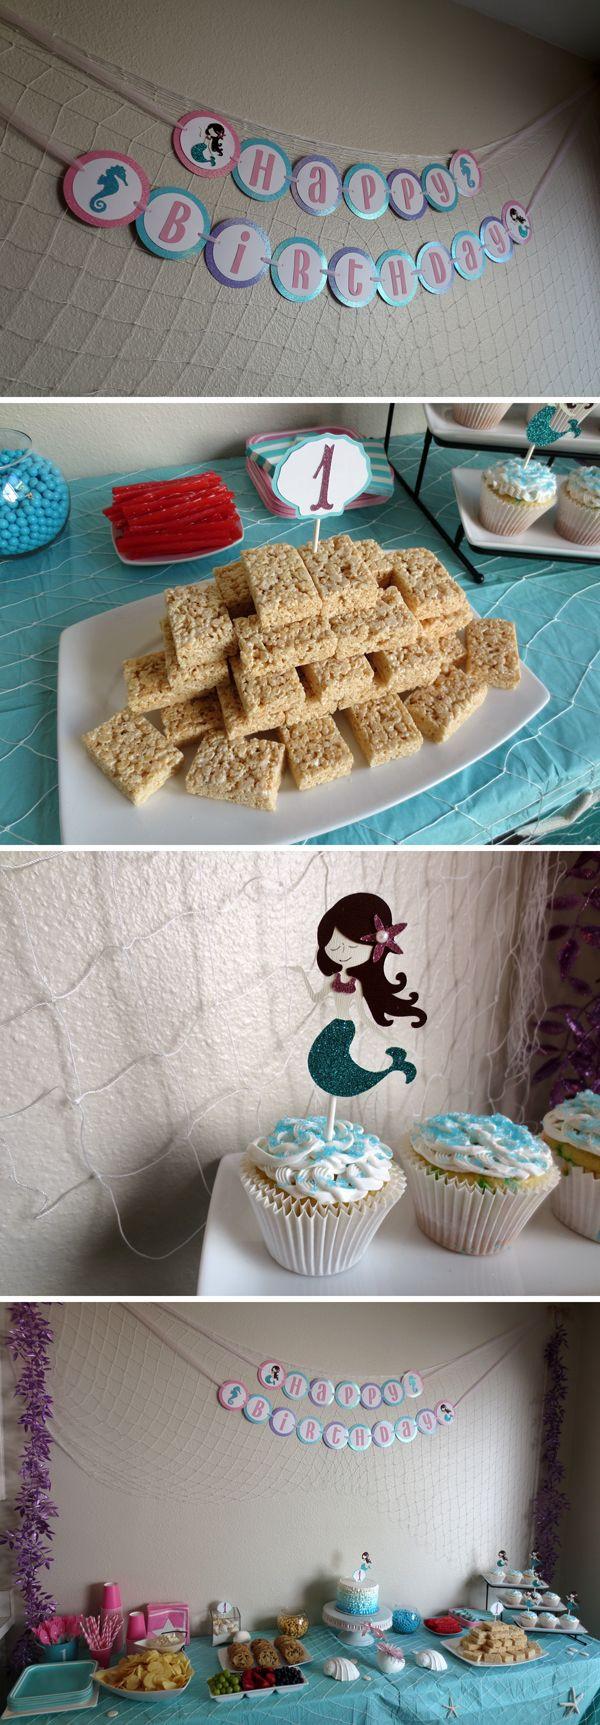 Theme Diy  DIY bud friendly Mermaid themed first birthday party